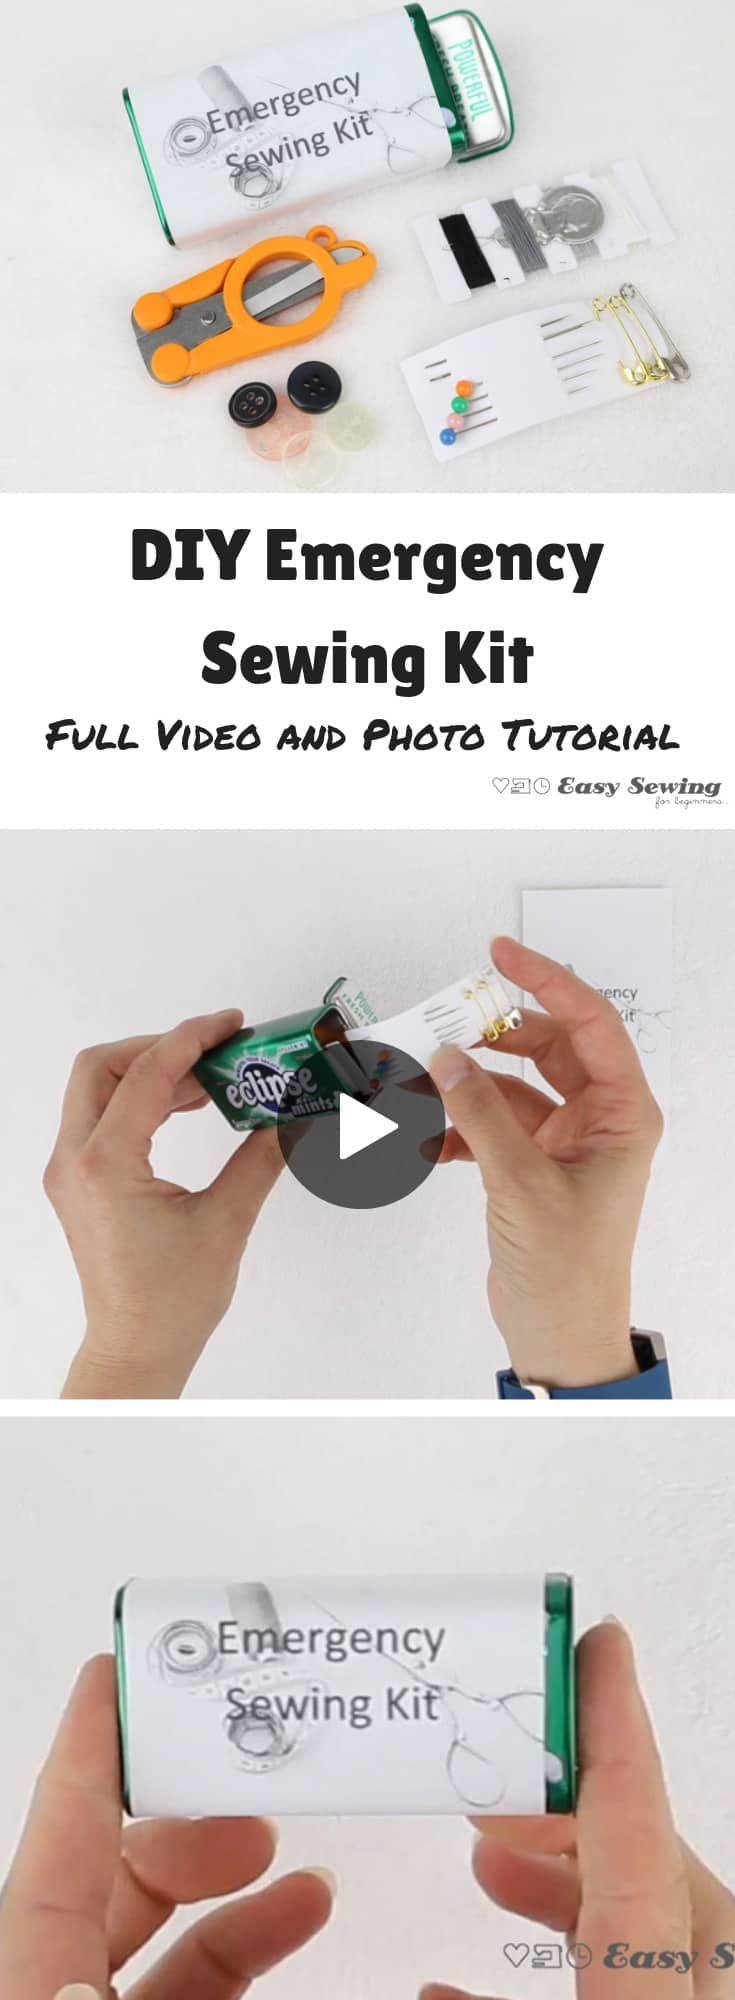 DIY Emergency Sewing Kit – Easy Sewing For Beginners